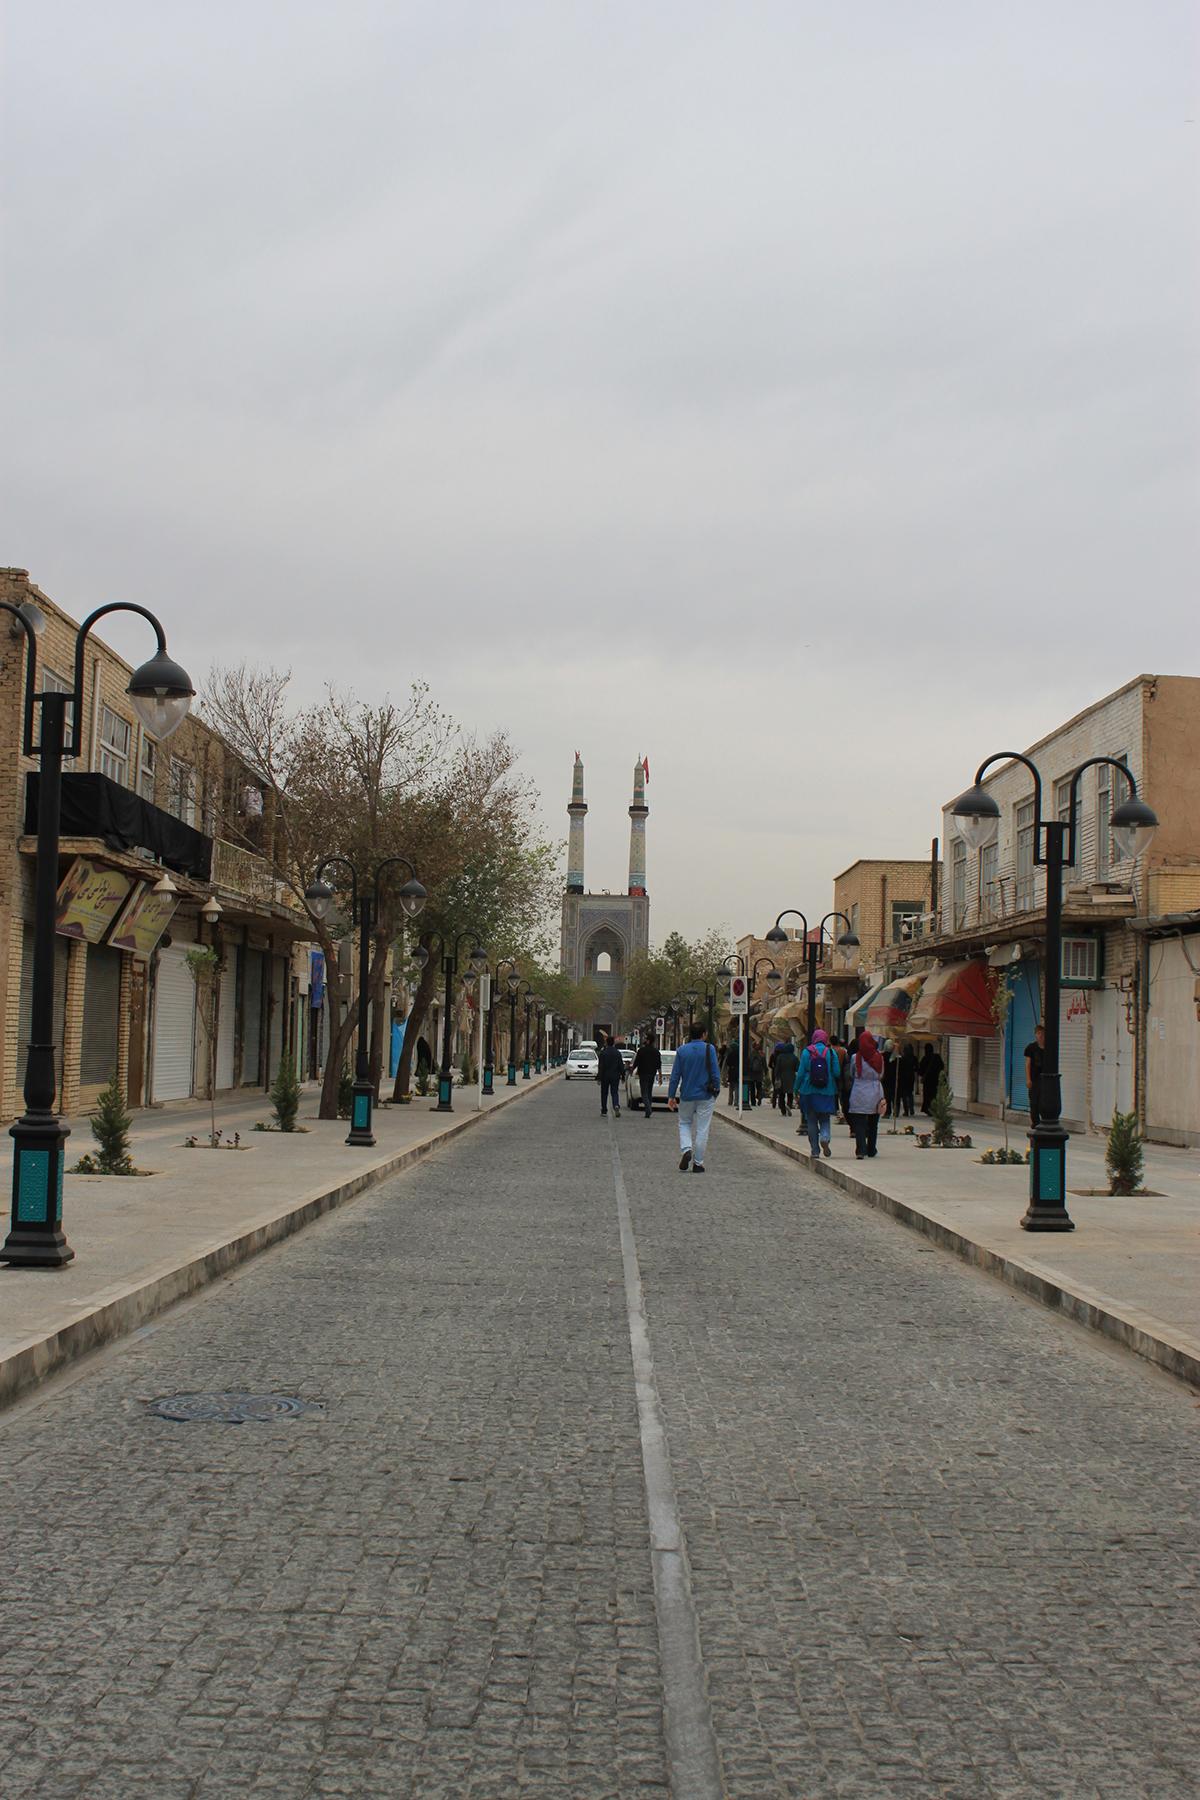 تصویر 1 - دید از ابتدای خیابان به مسجد جامع یزد، منبع: نگارنده